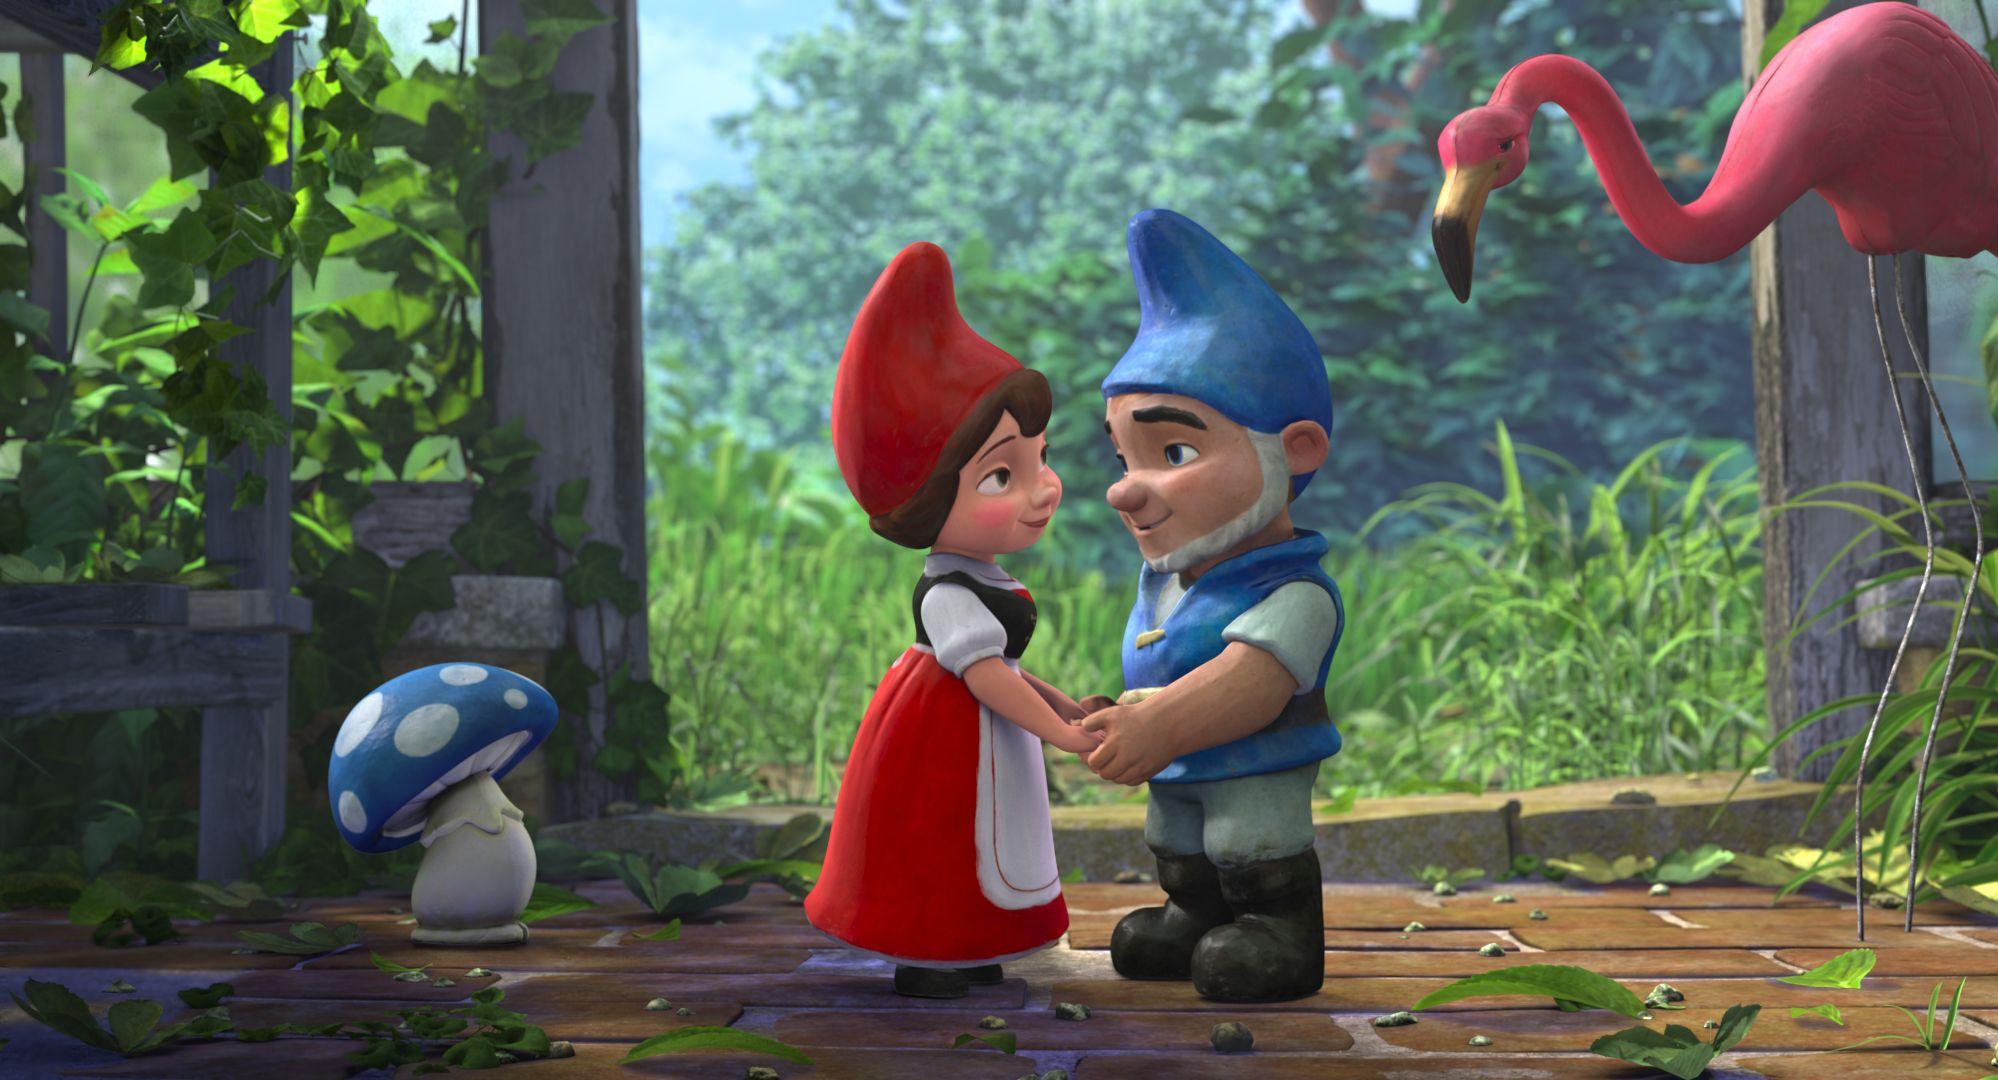 Review: Gnomeo & Juliet - Slant Magazine